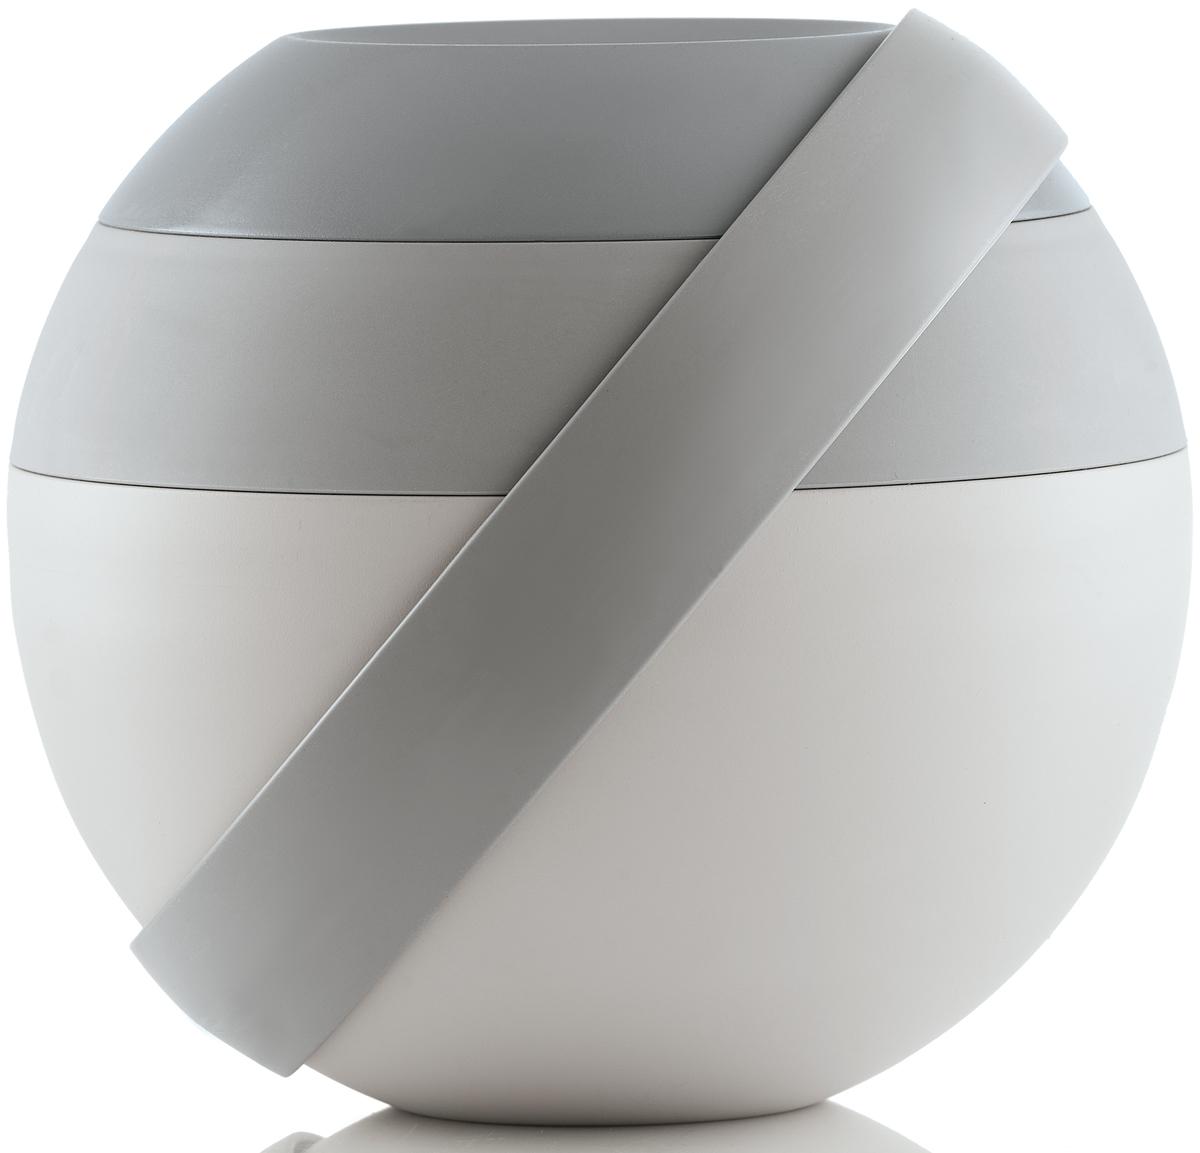 Ланч-бокс для салатов Guzzini Zero, цвет: серый, 388 мл + 780 мл100100162Ланч-бокс Zero является продолжением знаменитой линейки дизайнерских объектов от Guzzini, форма которых представляет собой шар. Он создан специально для тех, кто любит перекусить на ходу и хочет получать полезные вещества и ингредиенты, даже если находится в дороге. Он состоит из двух герметичных и вместительных чаш с крышкой, между которыми помещаются столовые приборы. Небольшая третья чаша сверху предназначена для соусов и приправ. При желании пластиковые вилка и ложка соединяются в удобные щипцы для салата.Ланч-бокс открывается и закрывается с помощью стильной ручки-пояса, которая также может менять свое положение. Когда пояс расположен вертикально, ланч-бокс закрыт и готов для транспортировки. Если нужно поставить его на поверхность, то наклоните ручку немного вбок, а для открытия приведите в горизонтальное положение. Ланч-бокс отлично подойдет для салатов, легких закусок, орехов и фруктов. Объем средней чаши - 388 мл. Нижней - 780 мл. Не содержит вредных примесей и бисфенола-А. Можно мыть в посудомоечной машине. Не использовать в микроволновой печи.